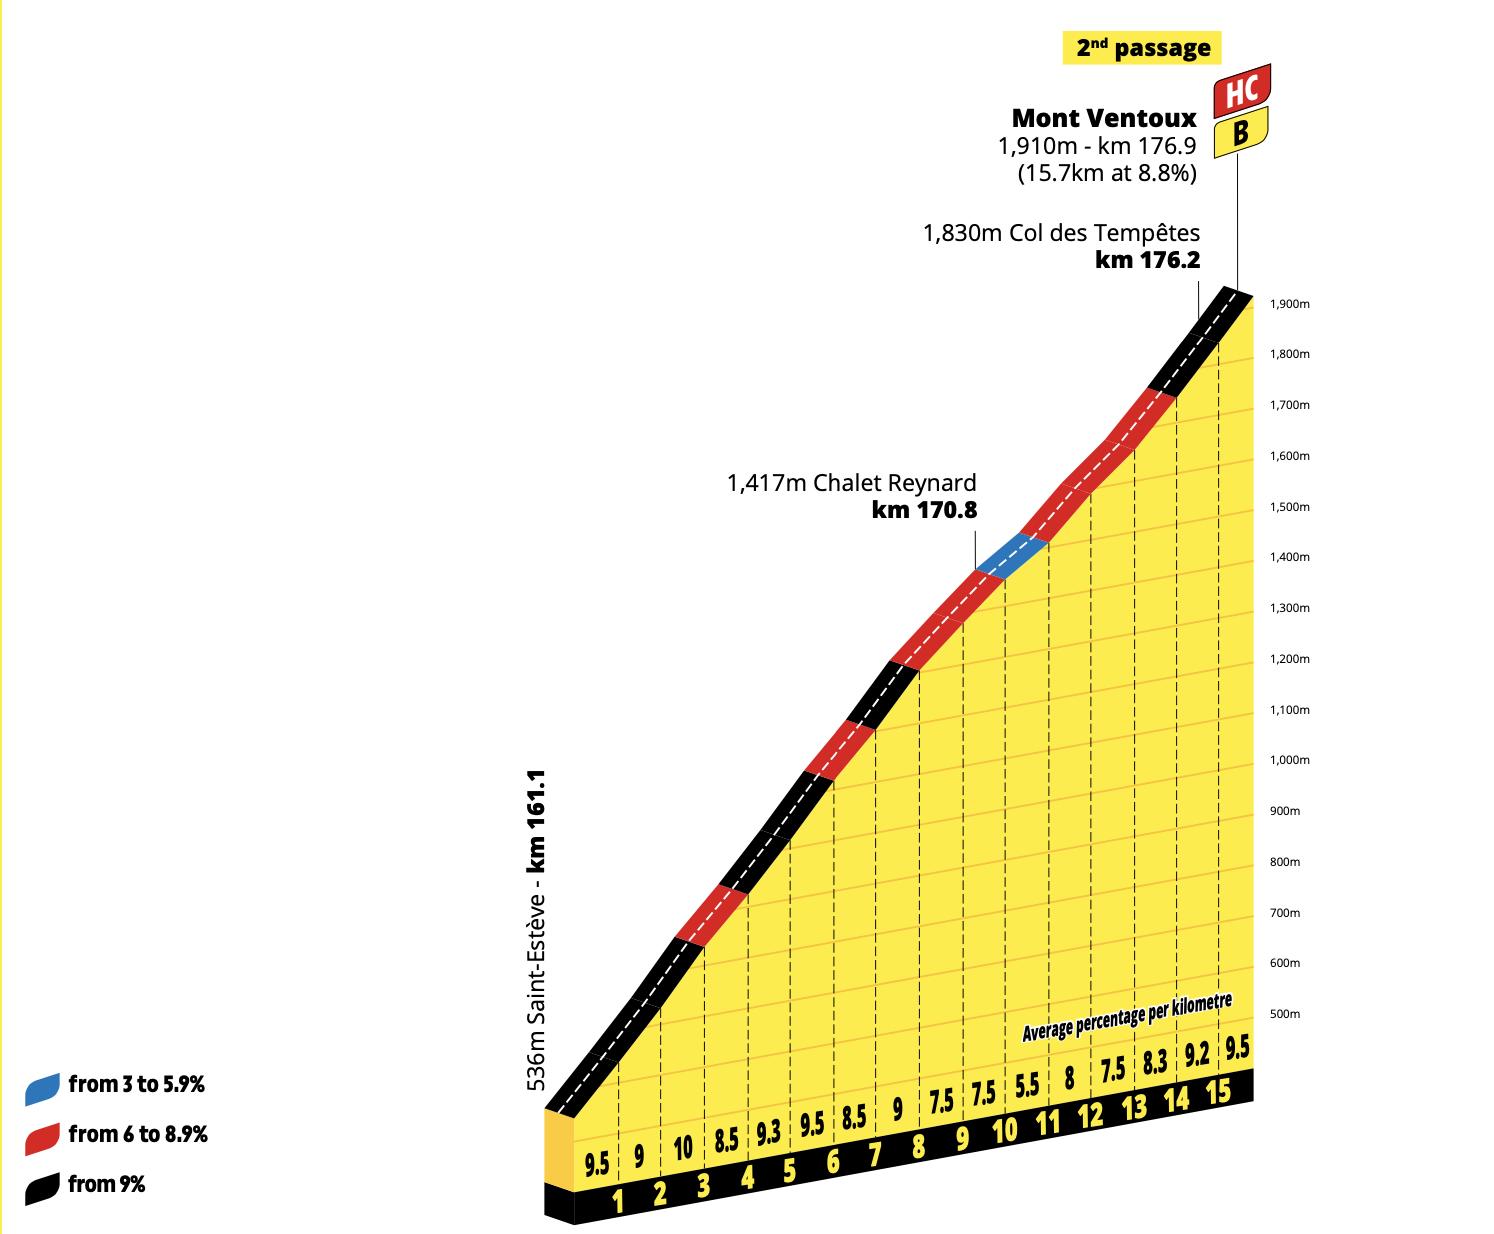 Tour de France 2021 Ventoux profiles